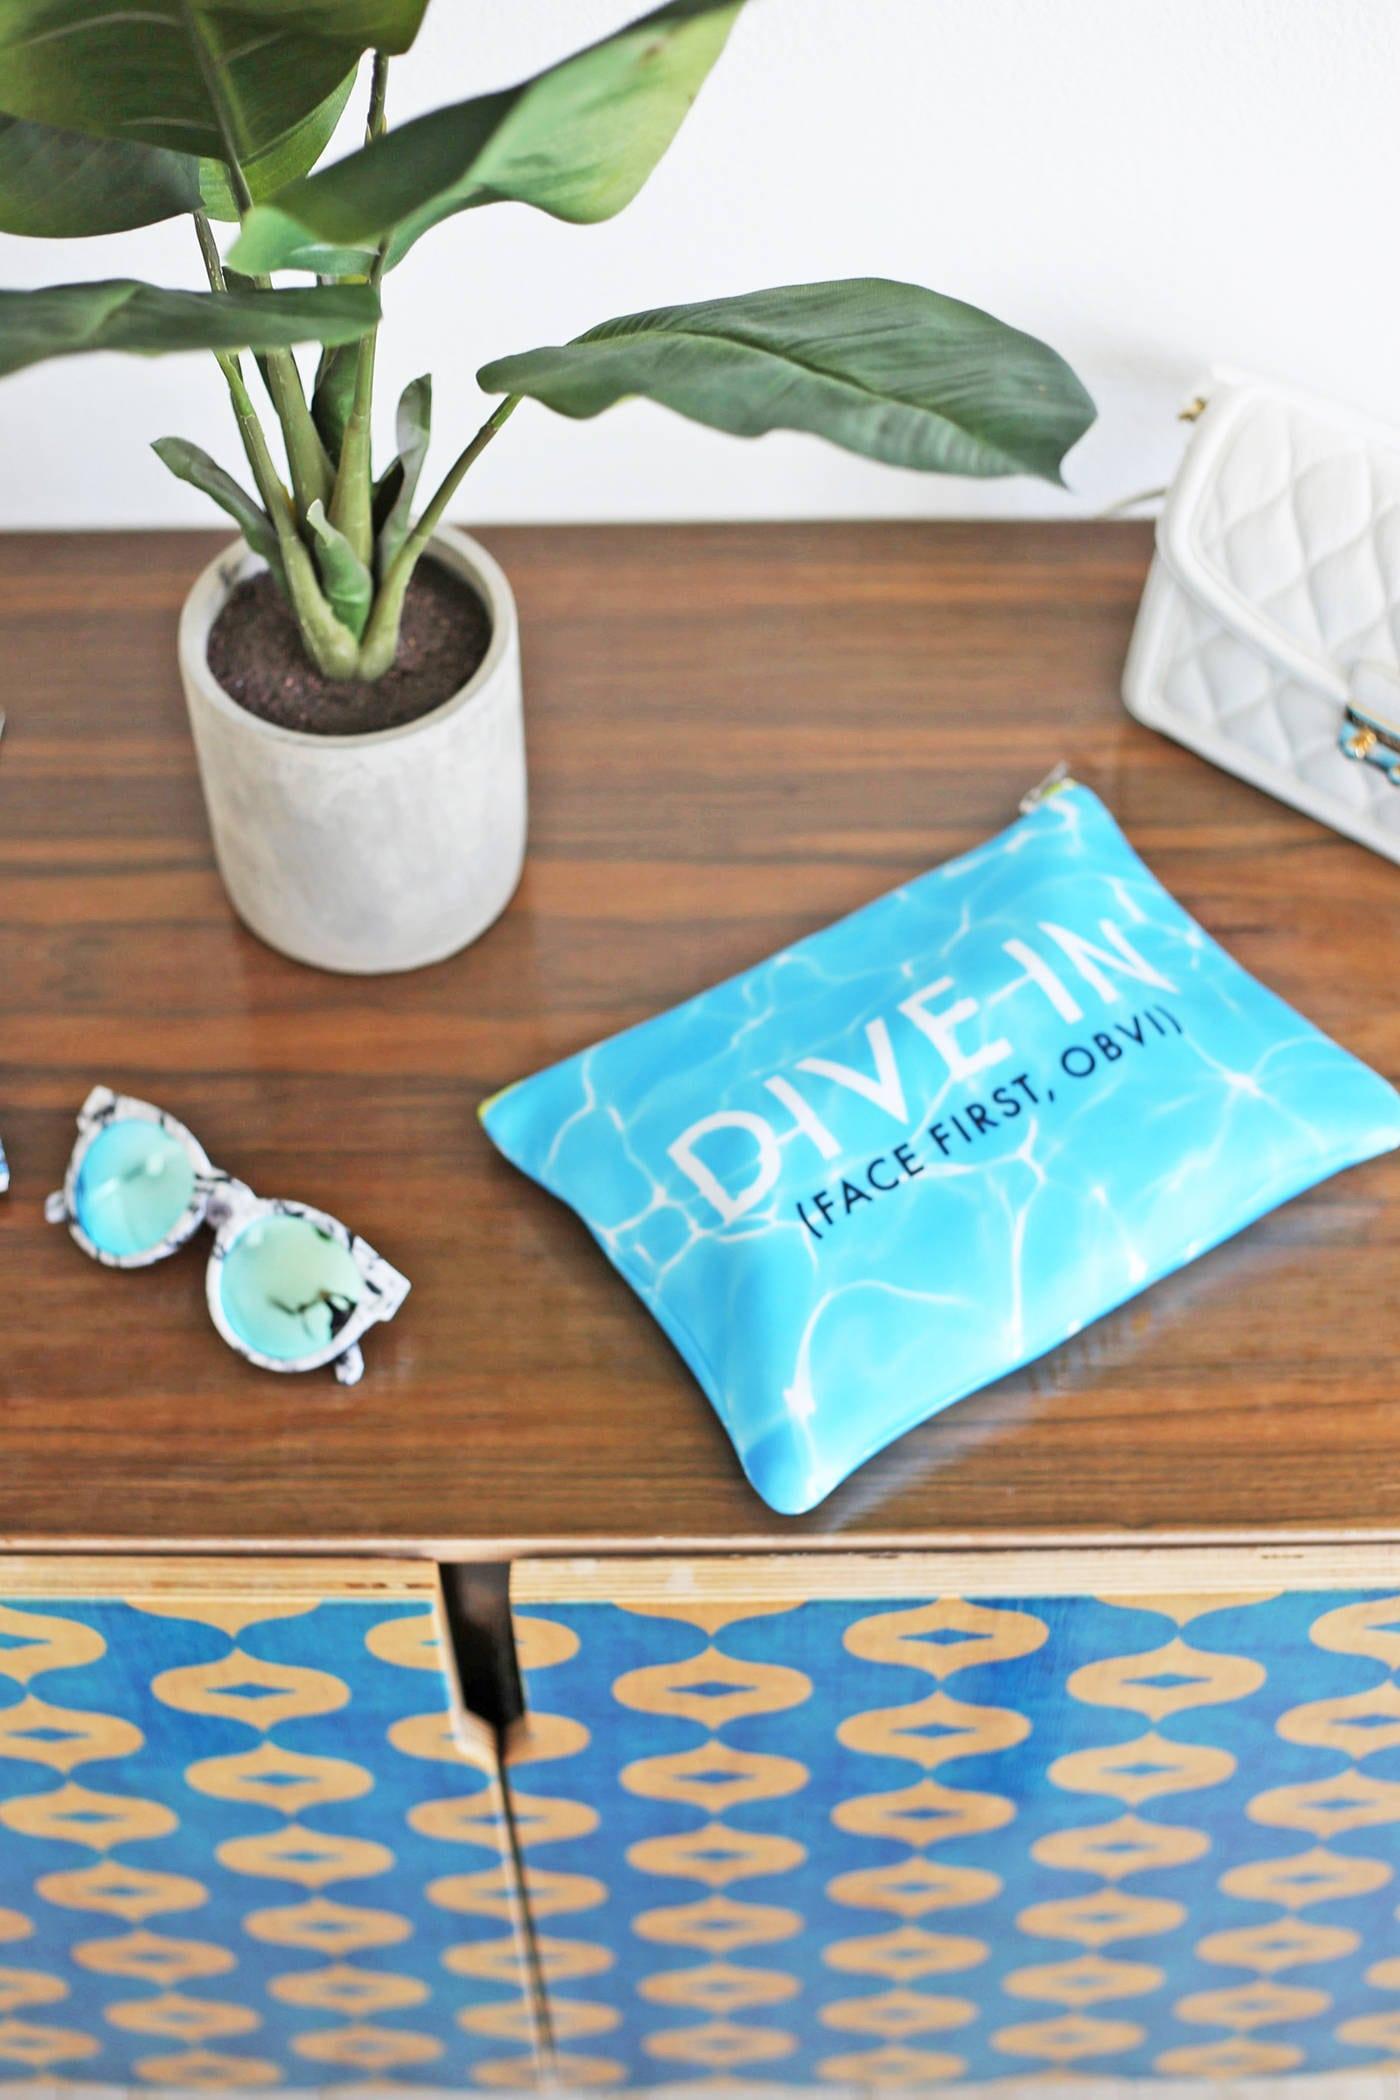 Mash Elle lifestyle blogger | St. pete beach | beauty blogger Mash Elle | black hat | plants | beach house | Skincare